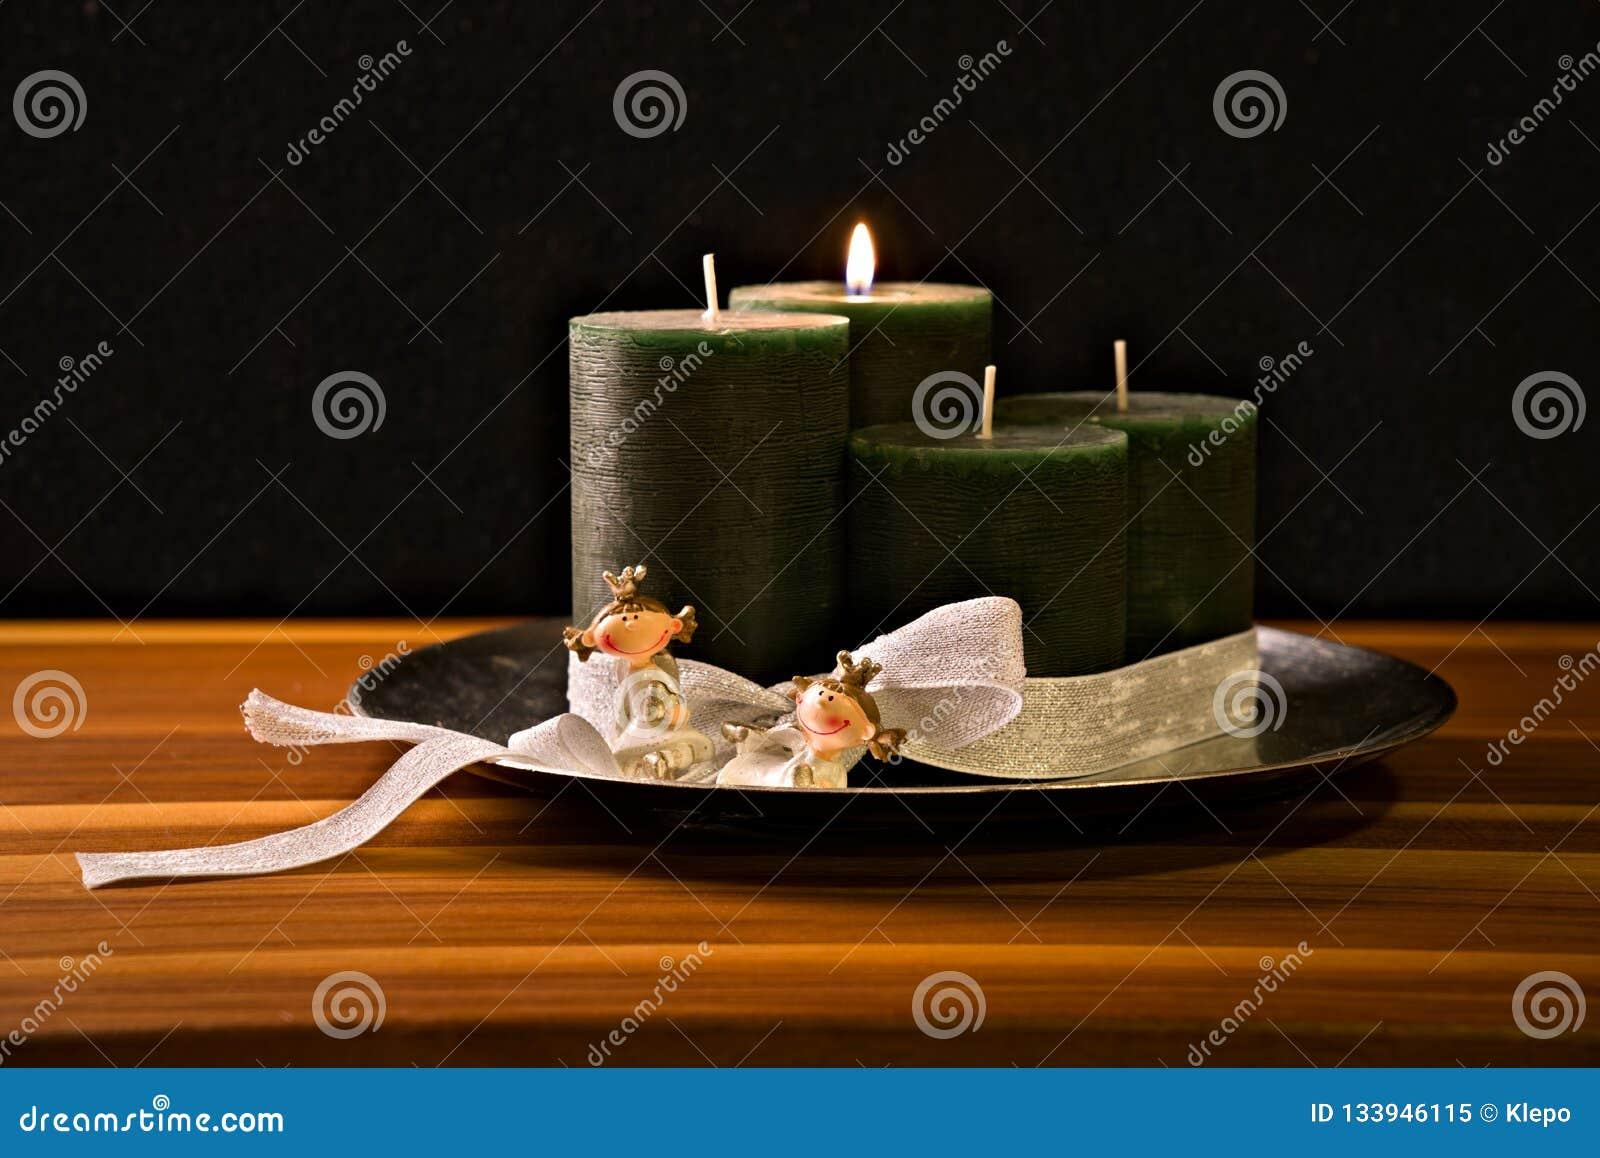 Στεφάνι εμφάνισης, τέσσερα κεριά, δύο πριγκήπισσες